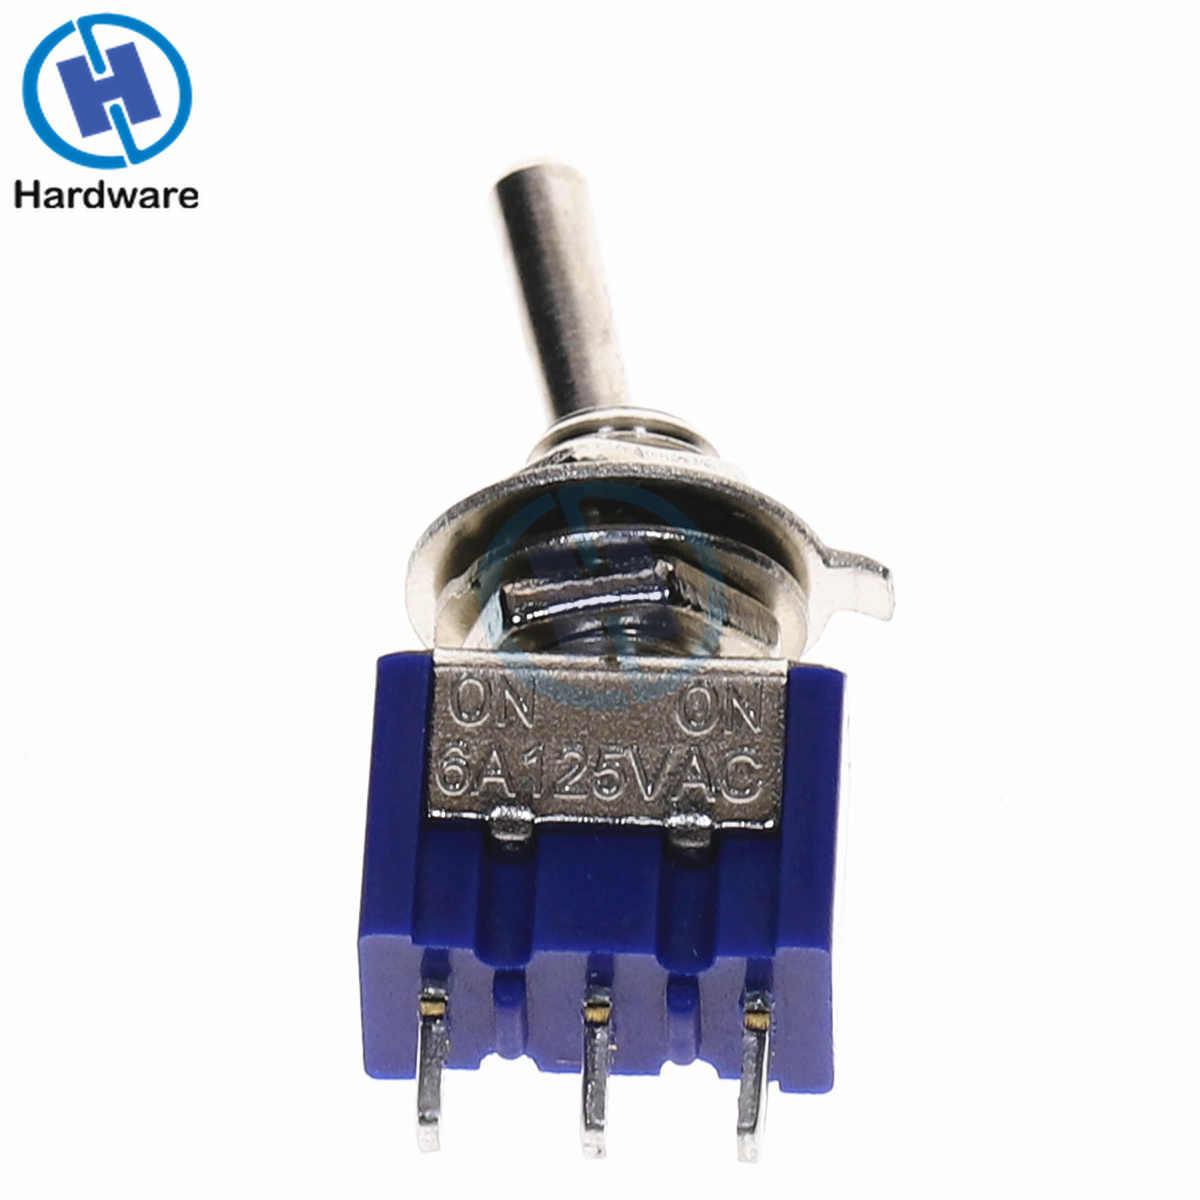 10 PC/5 PC interrupteur à bascule Miniature unipolaire Double jet SPDT (MTS102) sur-ON 120VAC 6A 1/4 pouces MTS-102 de montage